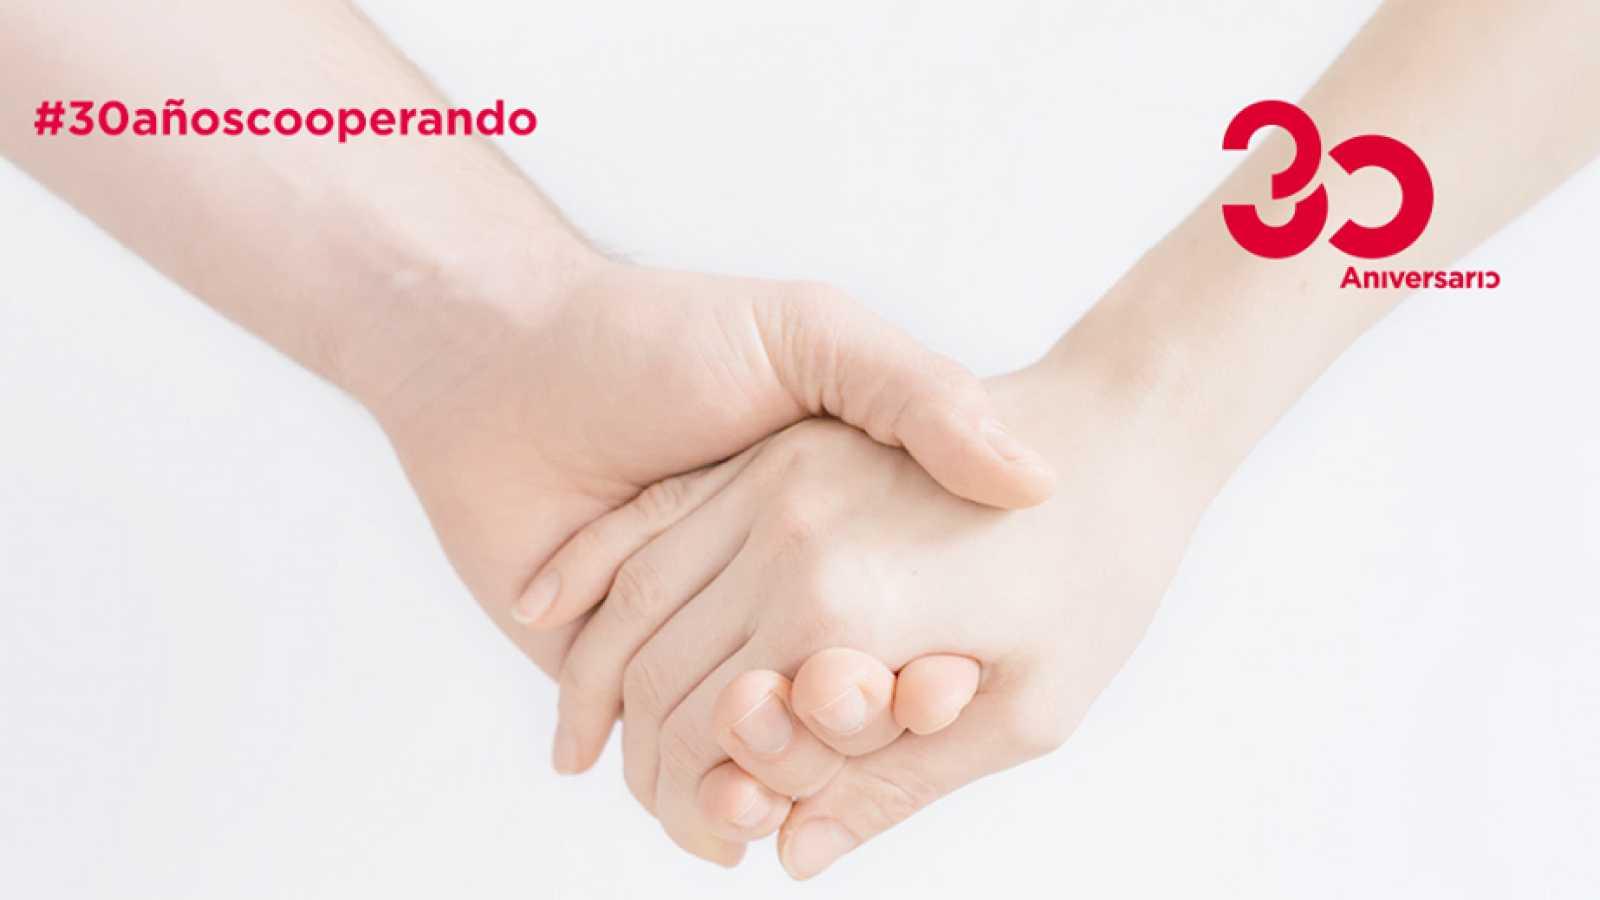 Cooperación es desarrollo - 30 aniversario de Aecid - 10/11/18 - Escuchar ahora